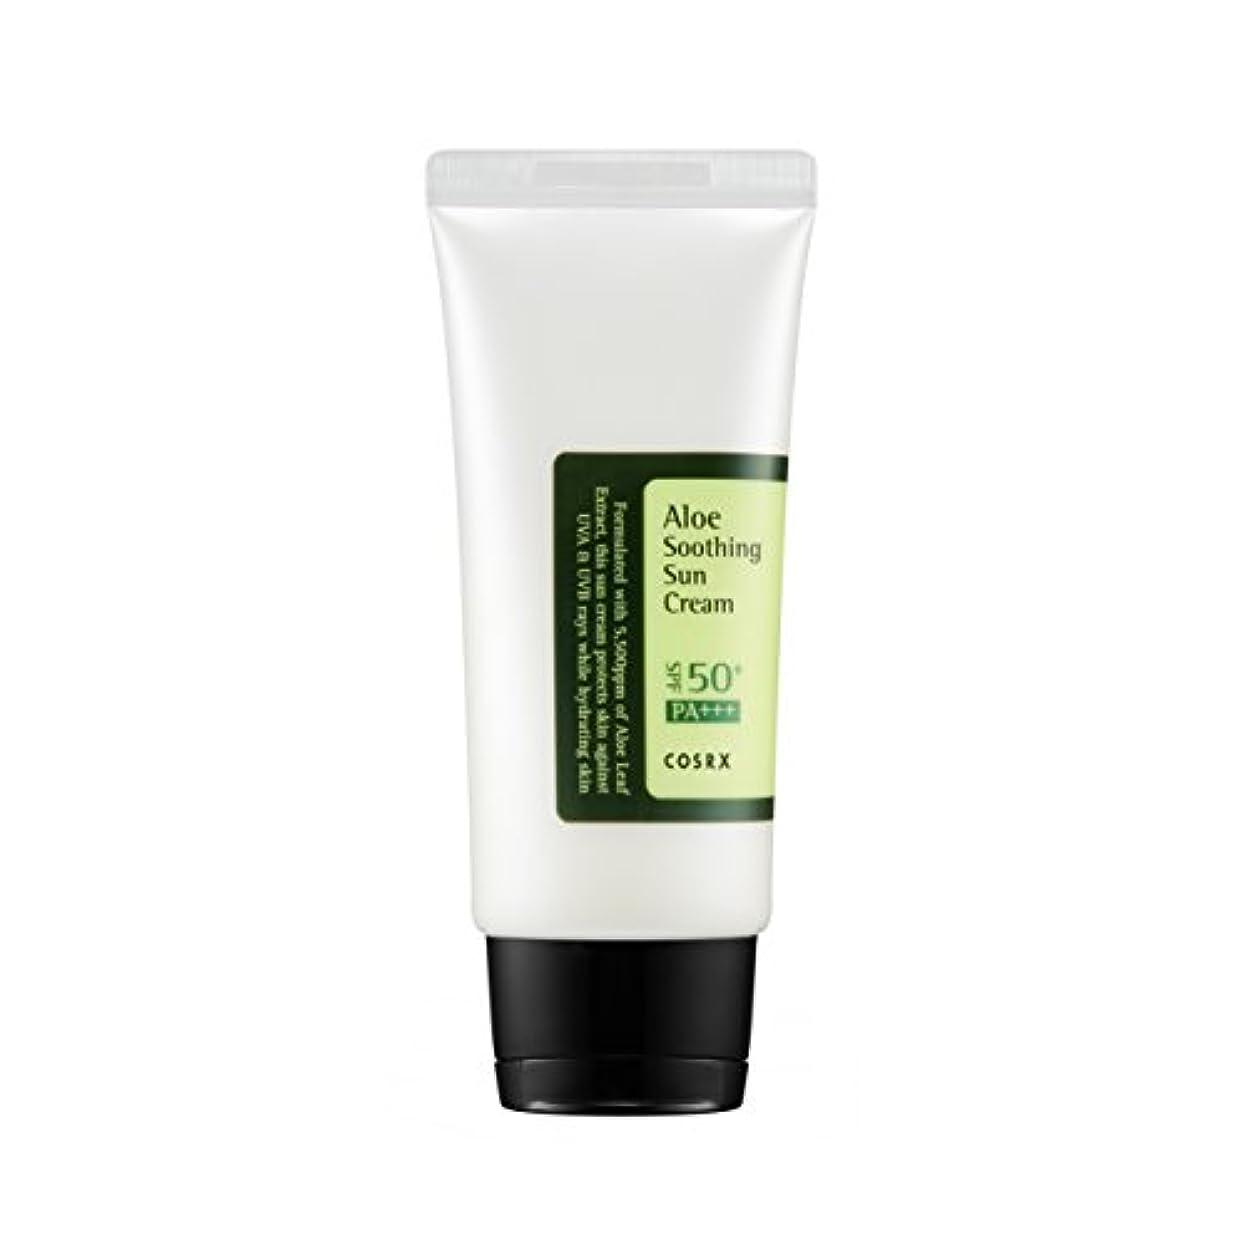 航空会社磁気火炎COSRX Aloe Soothing Sun Cream (並行輸入品)